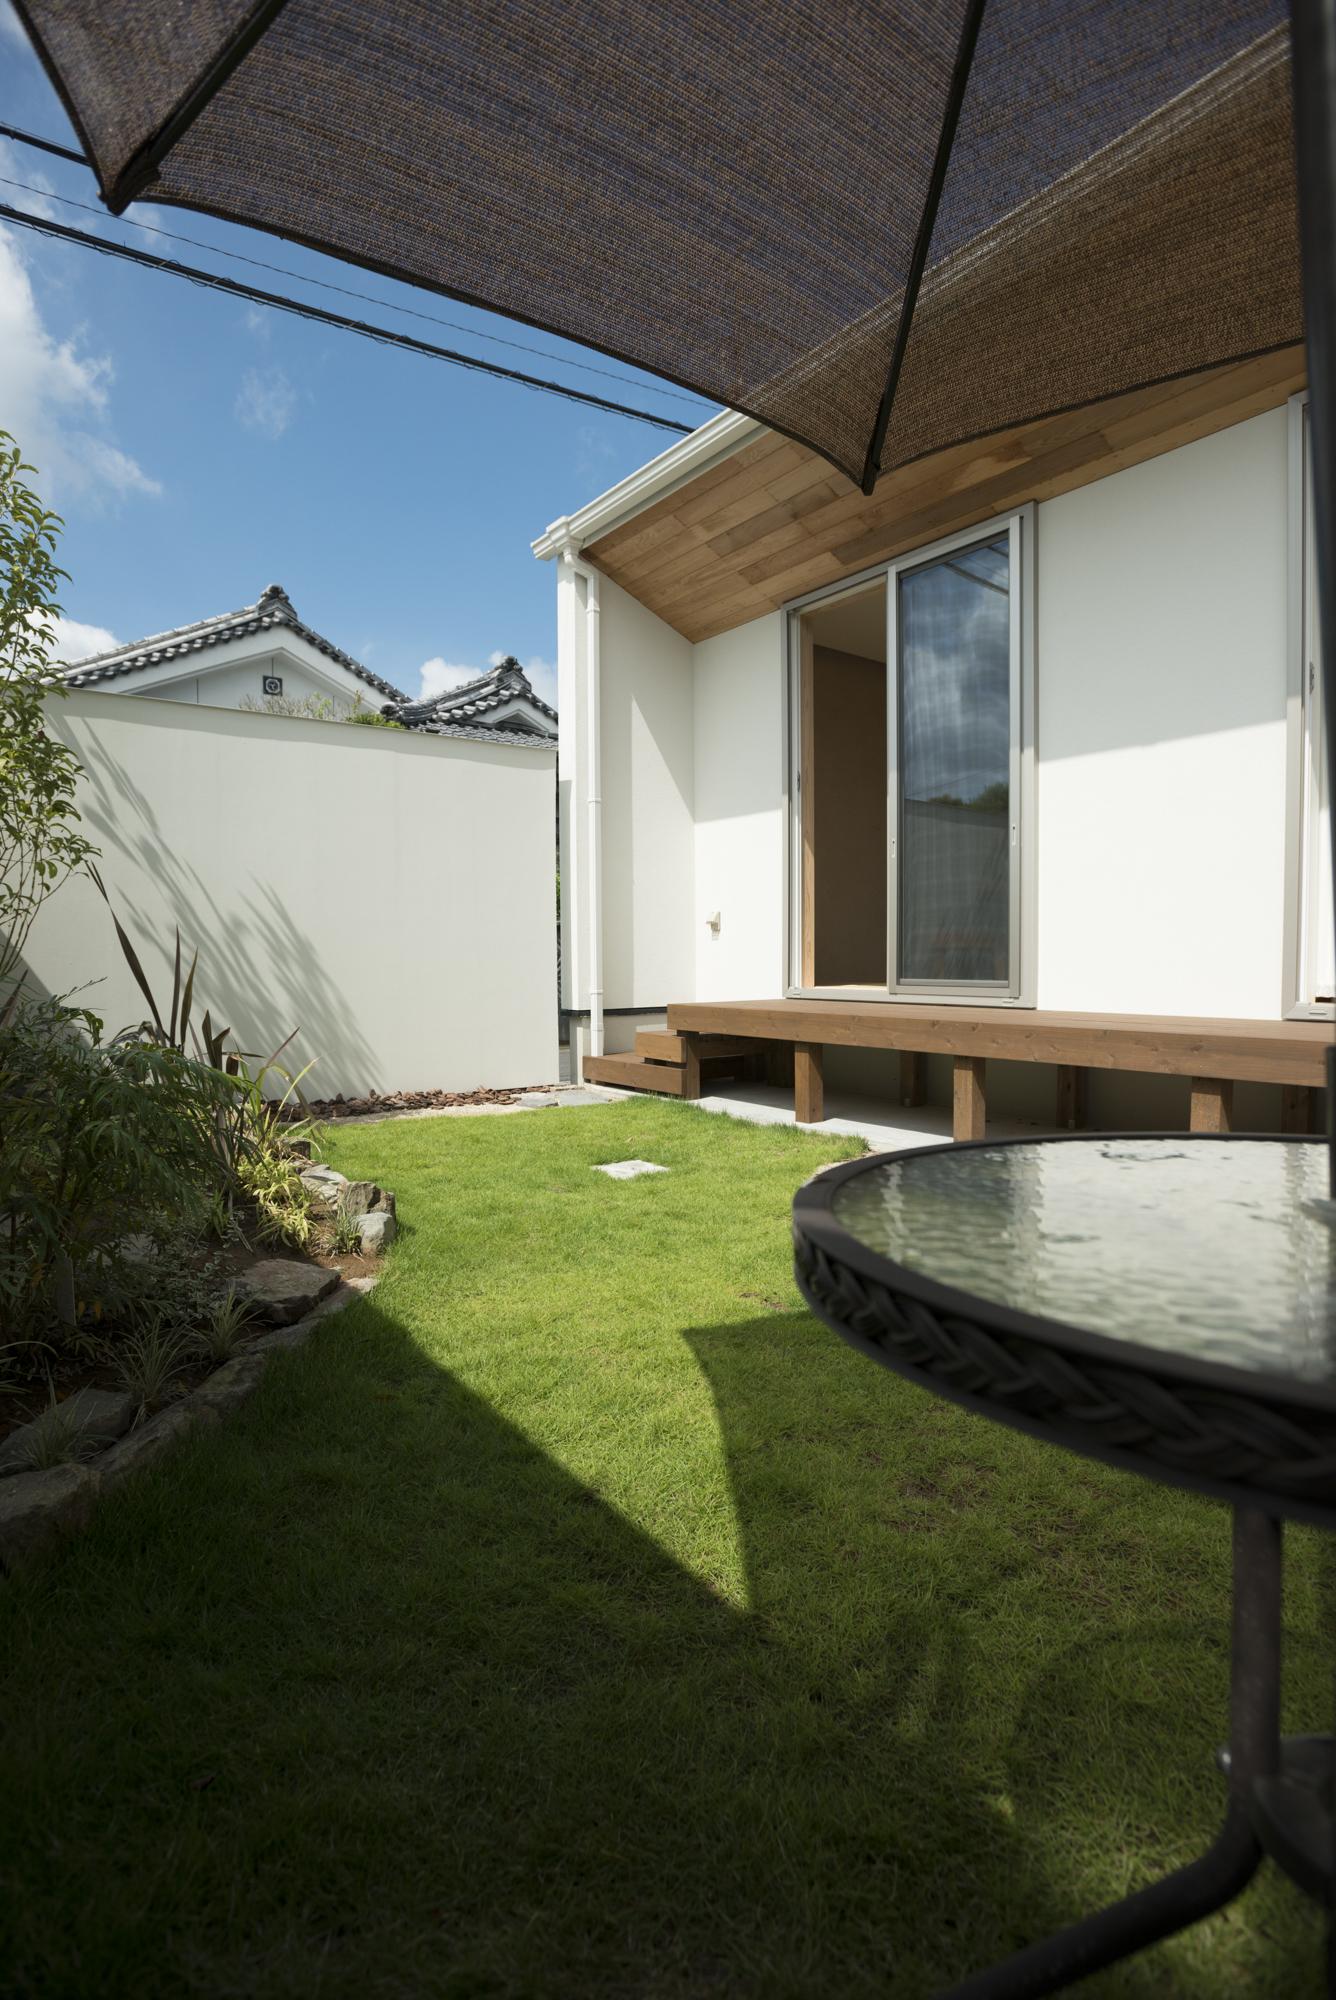 R+house藤枝(西遠建設)【デザイン住宅、建築家、インテリア】四季を感じながら心豊かに暮らす喜びを味わえる